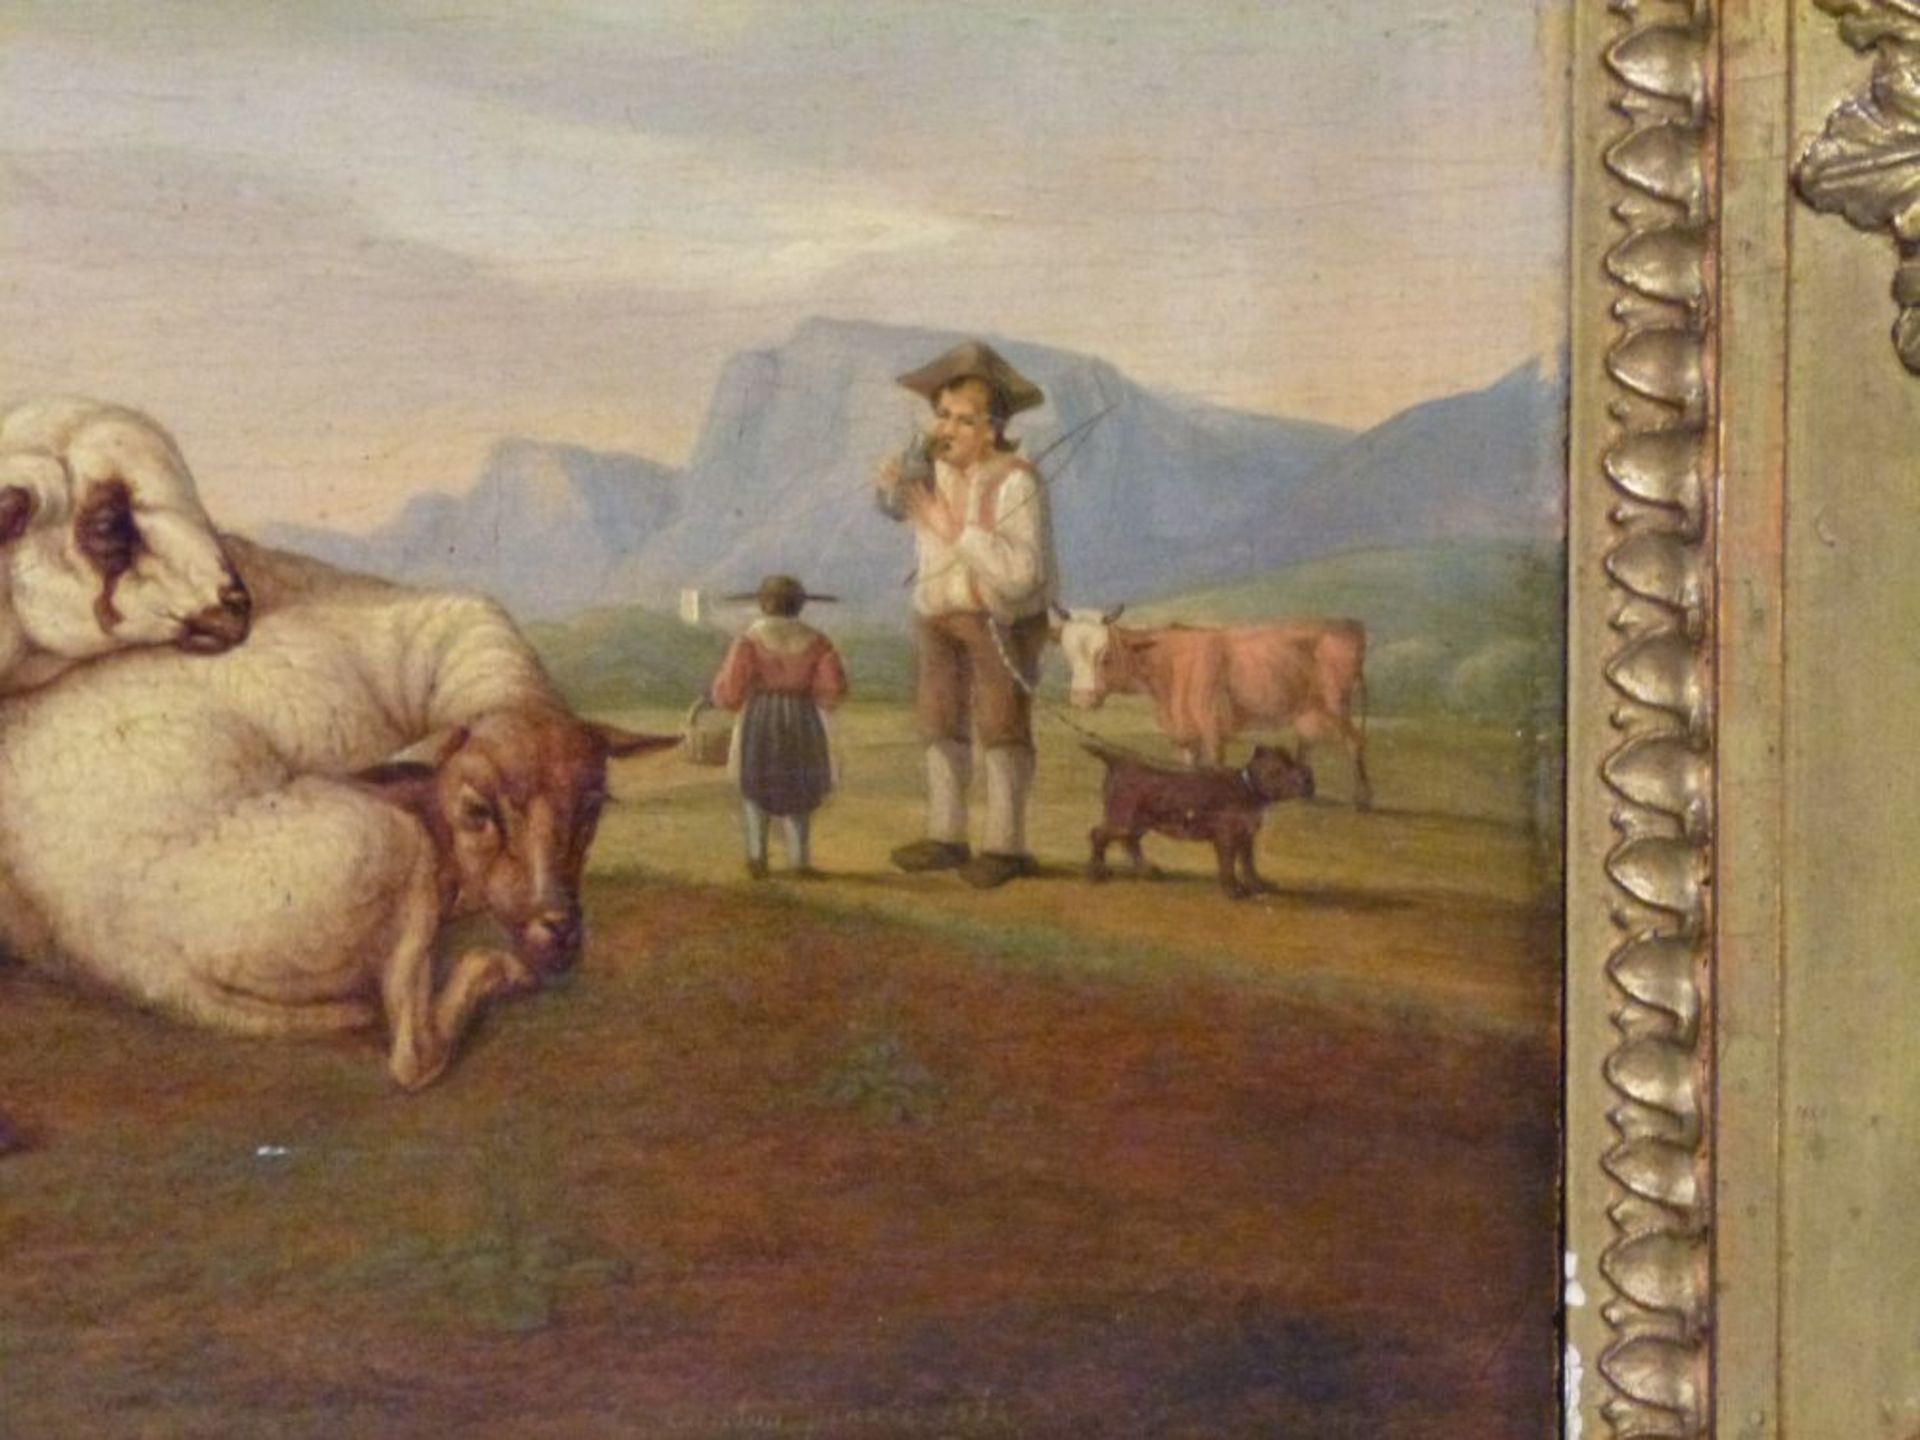 Auf der WeideGustav Jakob Canton, 1813-1885Öl/Eichenplatte, sign. G.Canton pinxit 1833, Kühe, Schafe - Bild 5 aus 7